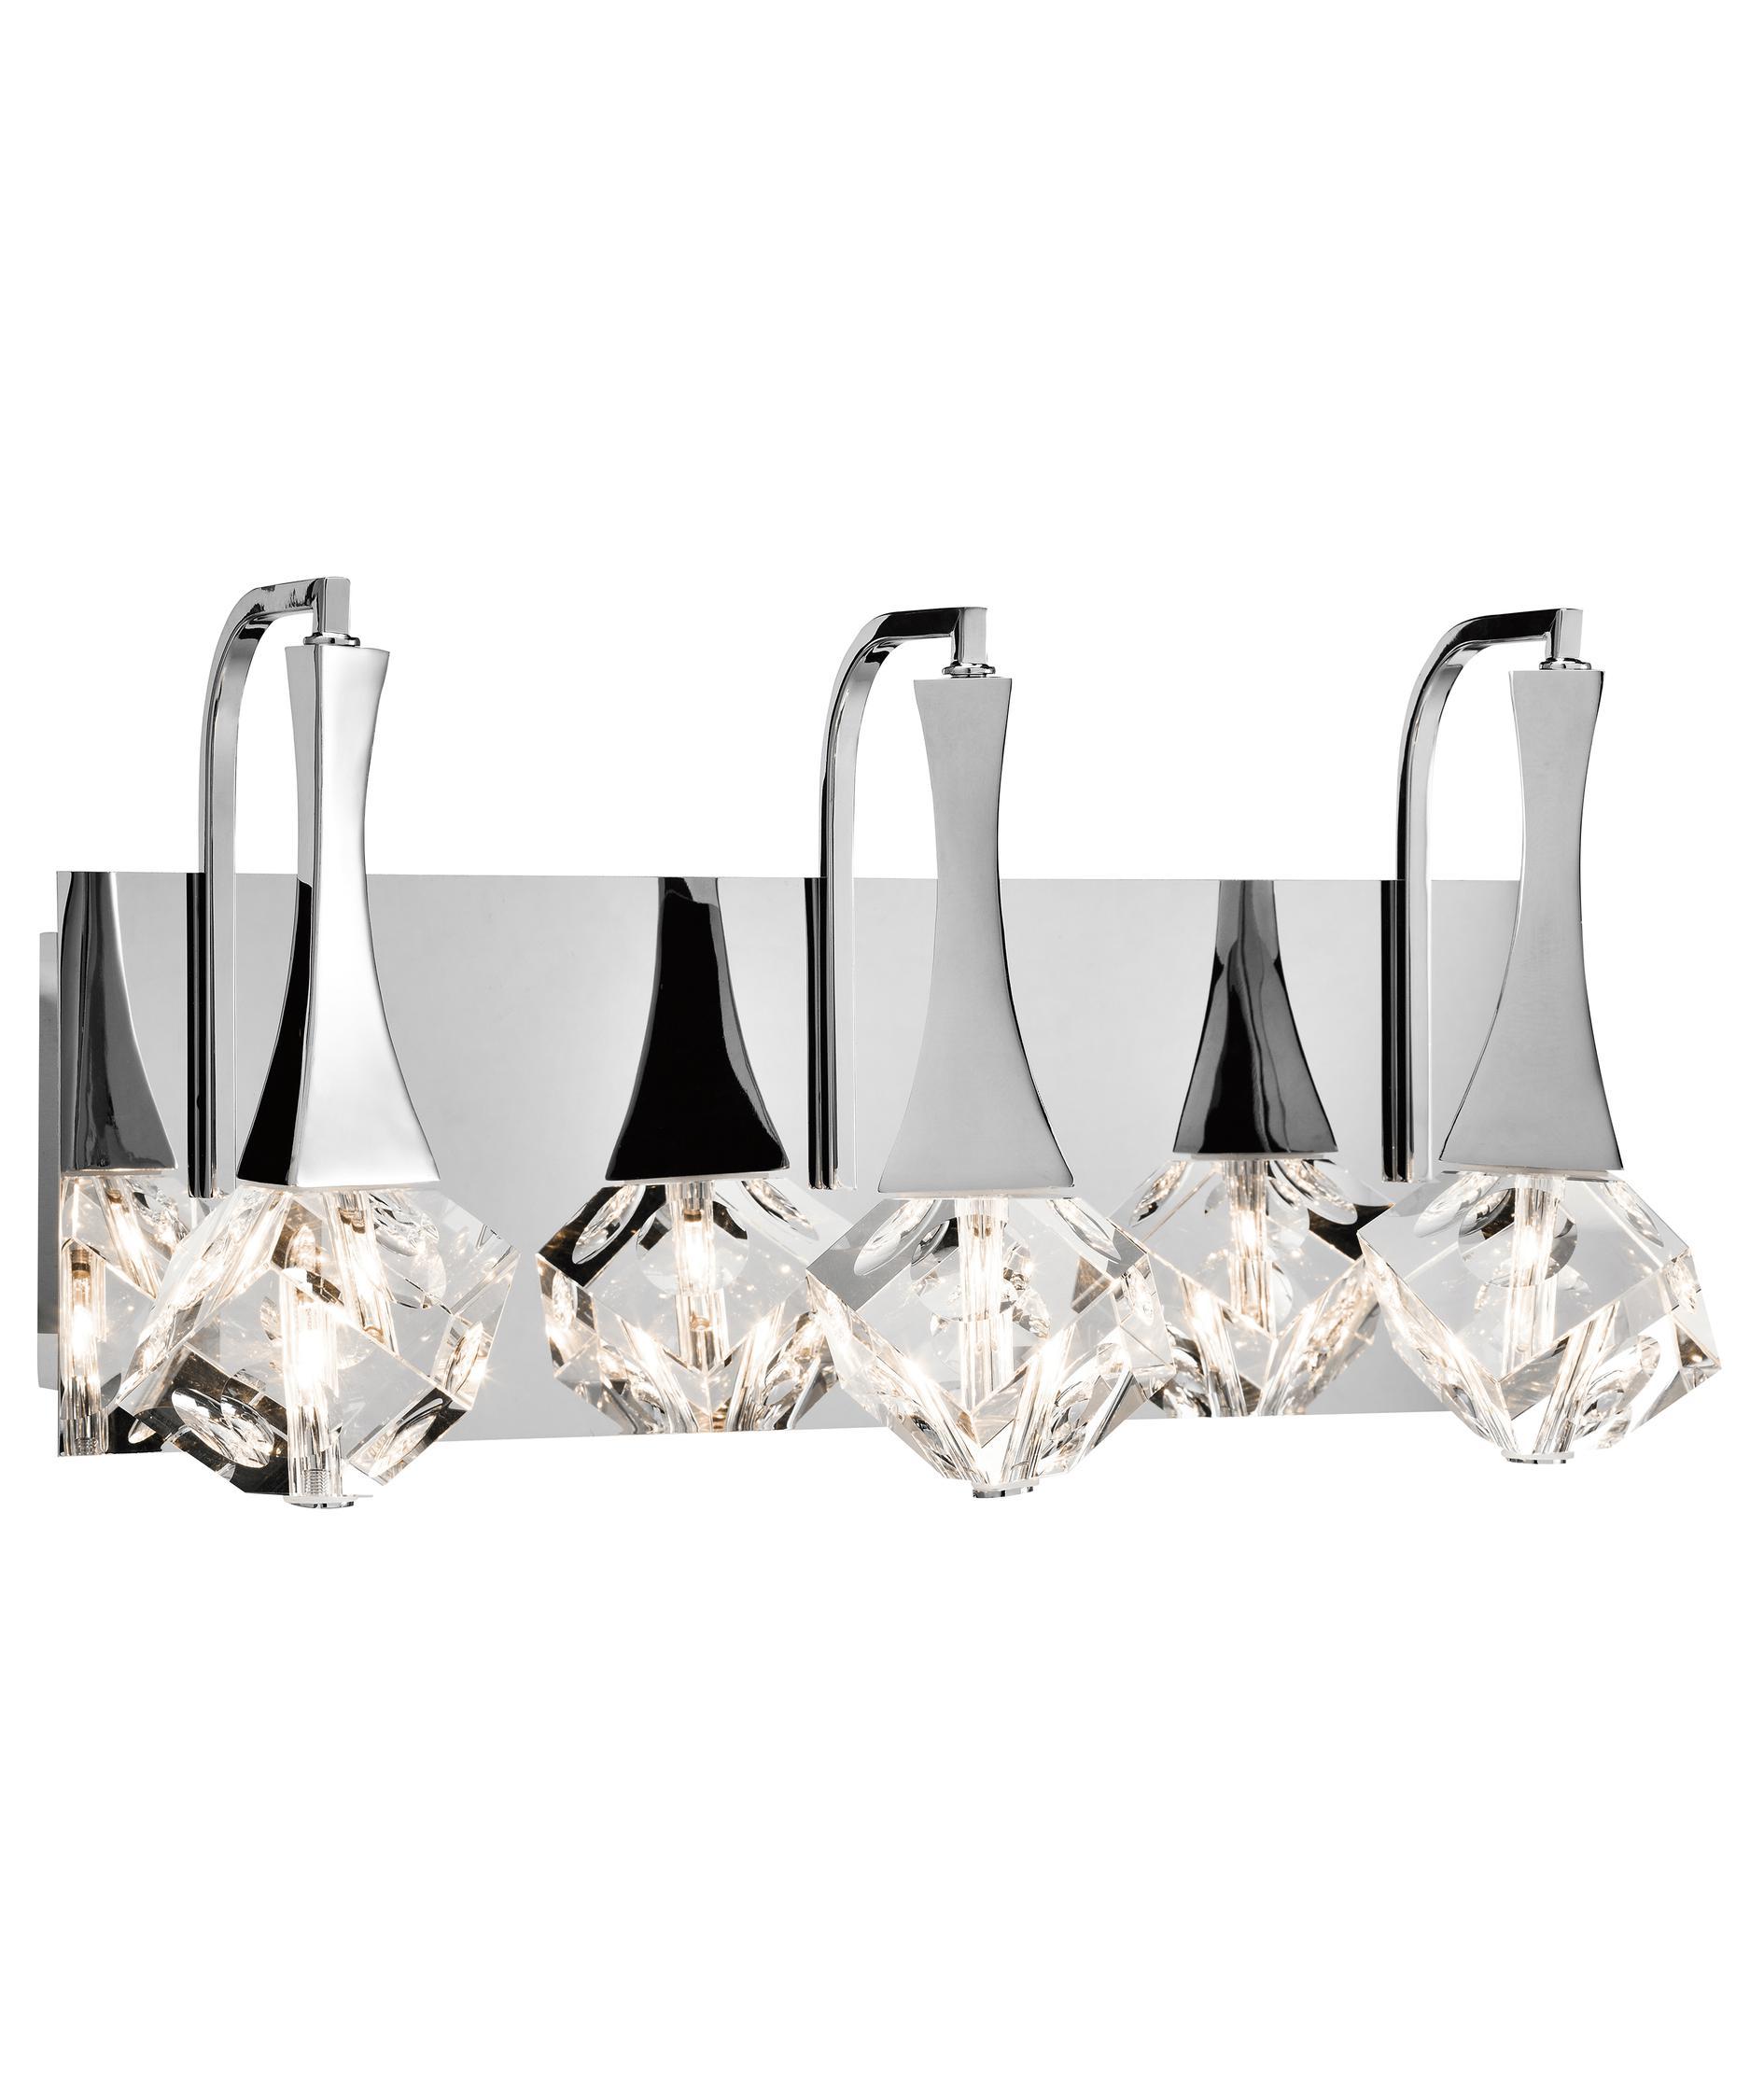 Bathroom vanities syracuse ny - Elan 83136 Rockne 18 Inch Wide Bath Vanity Light Capitol Lighting 1 800lighting Comelan 83136 Rockne